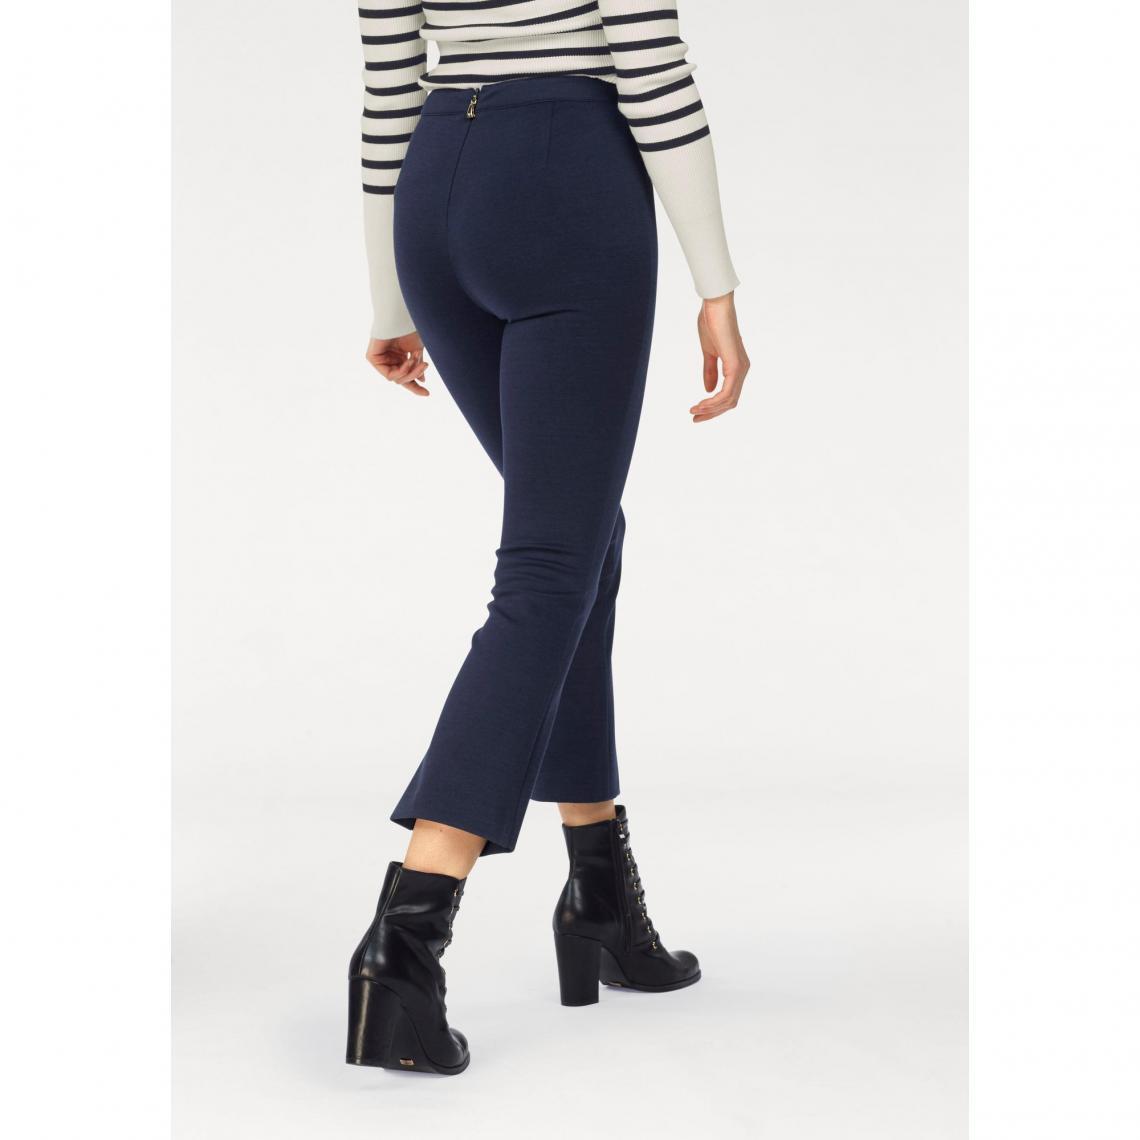 pantalon femme 7 8ème